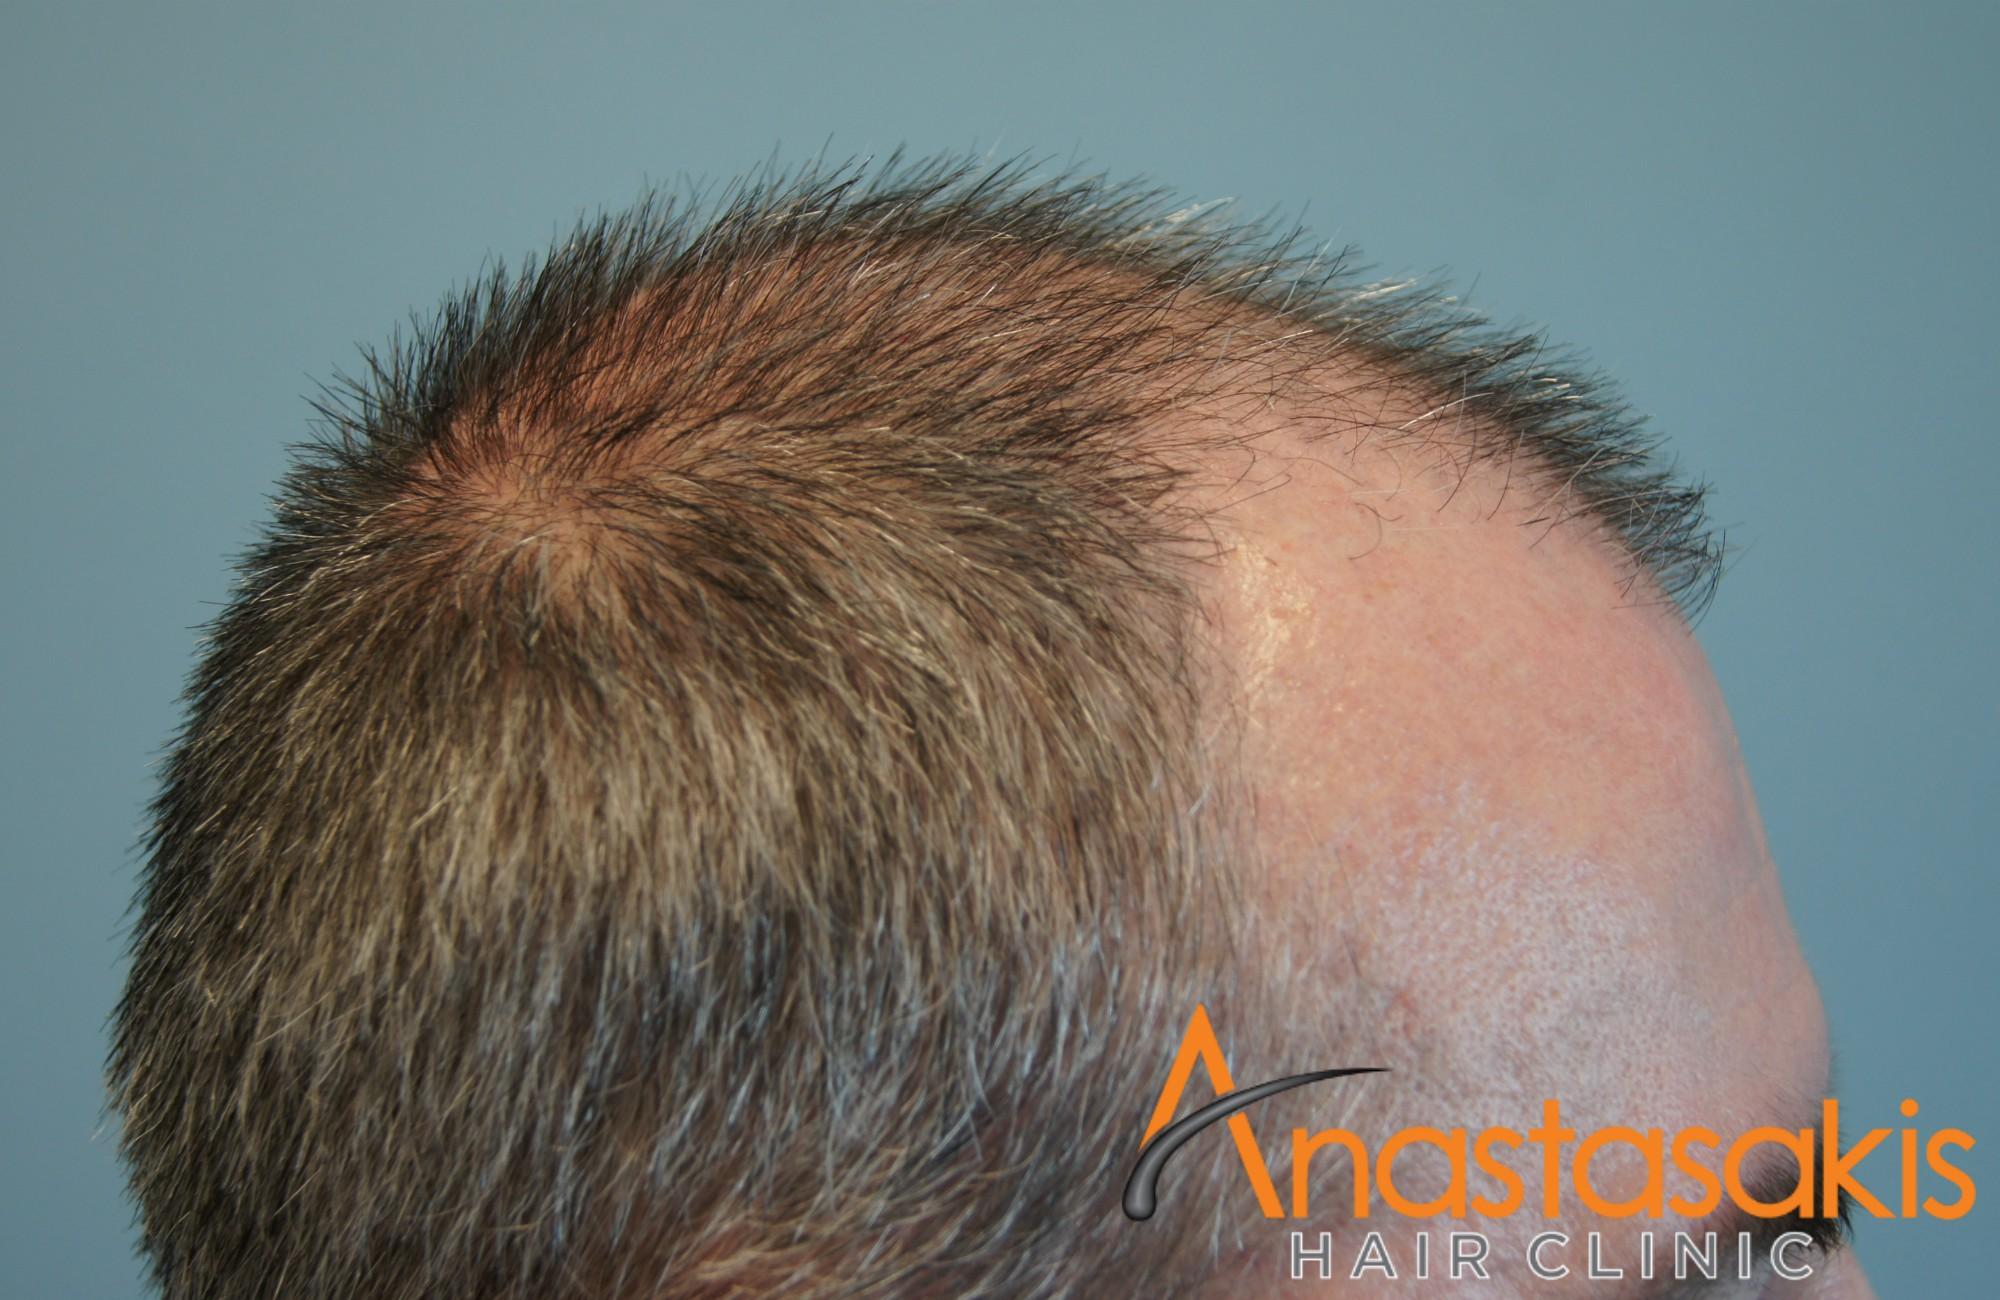 δεξι προφιλ ασθενους πριν τη μεταμοσχευση μαλλιων με 3050 fus